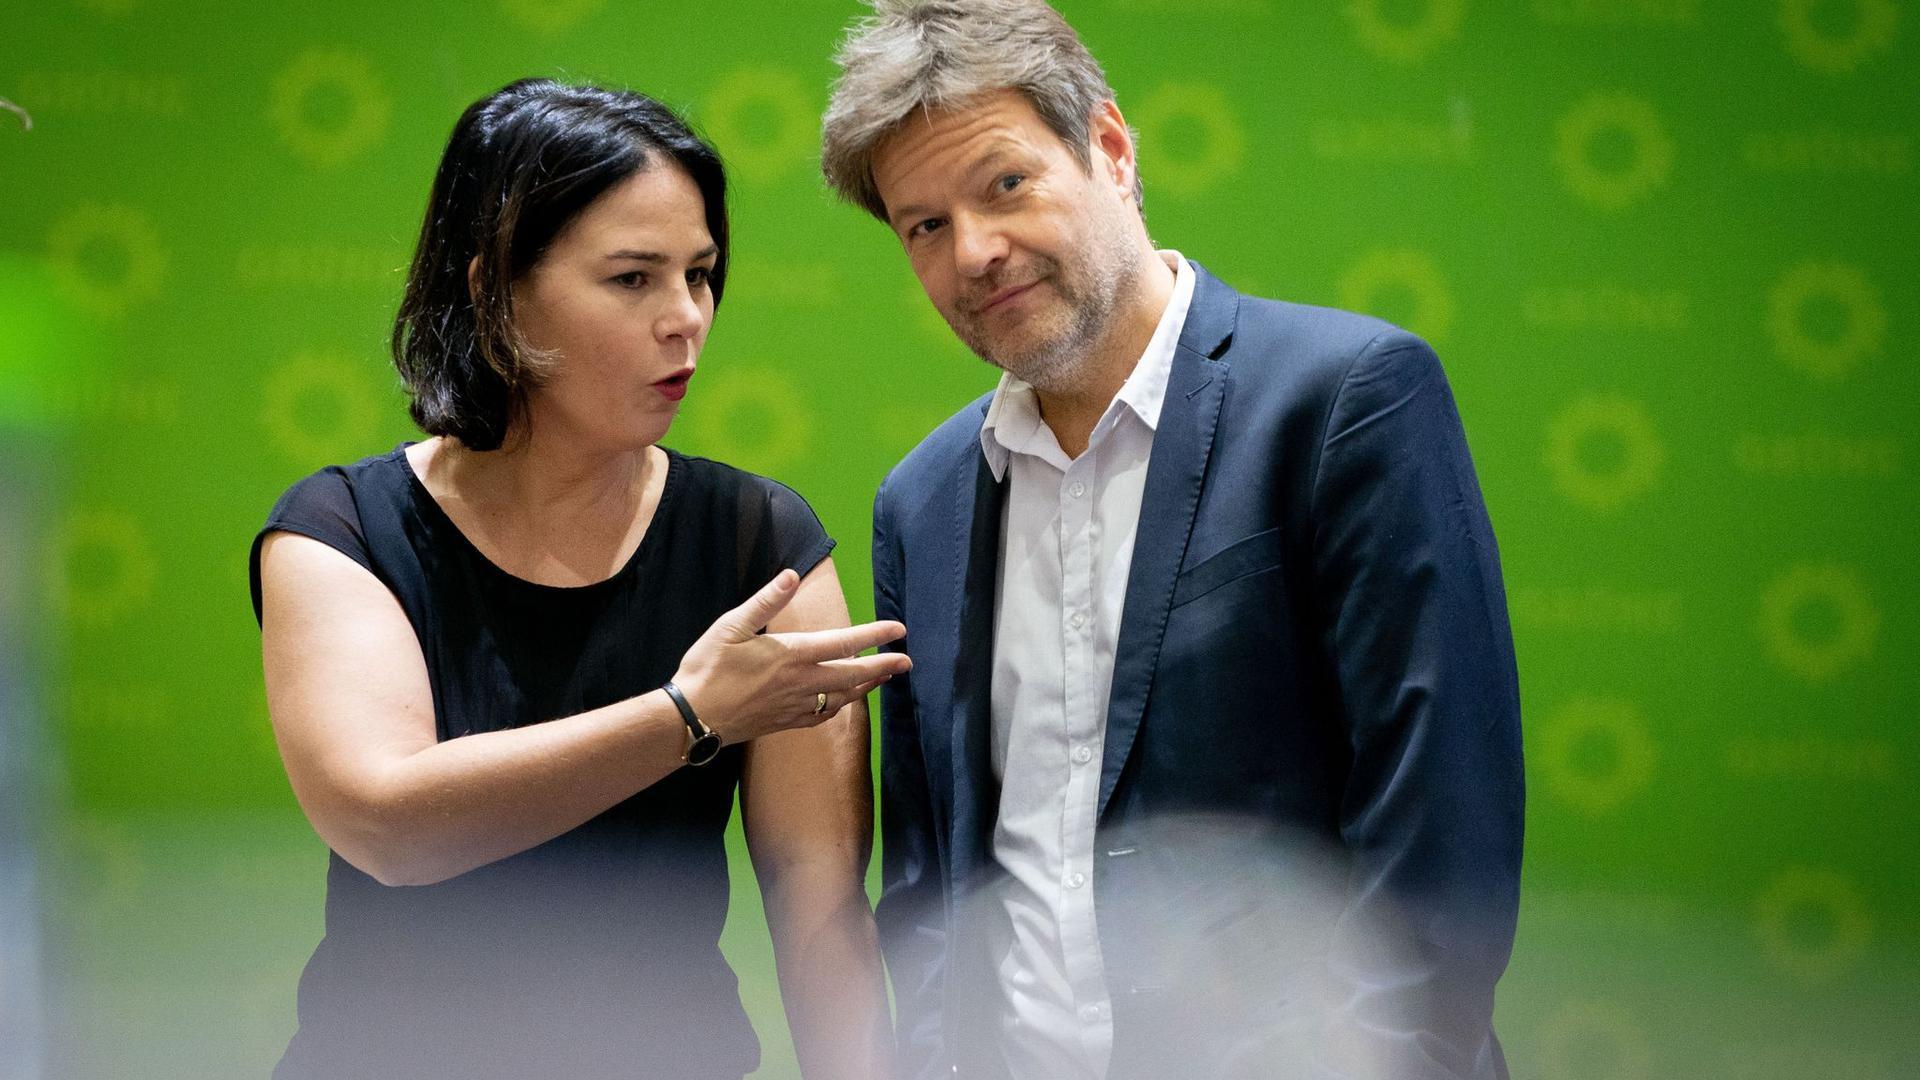 Die Bundesvorsitzende und der Bundesvorsitzende der Grünen, Annalena Baerbock und Robert Habeck.